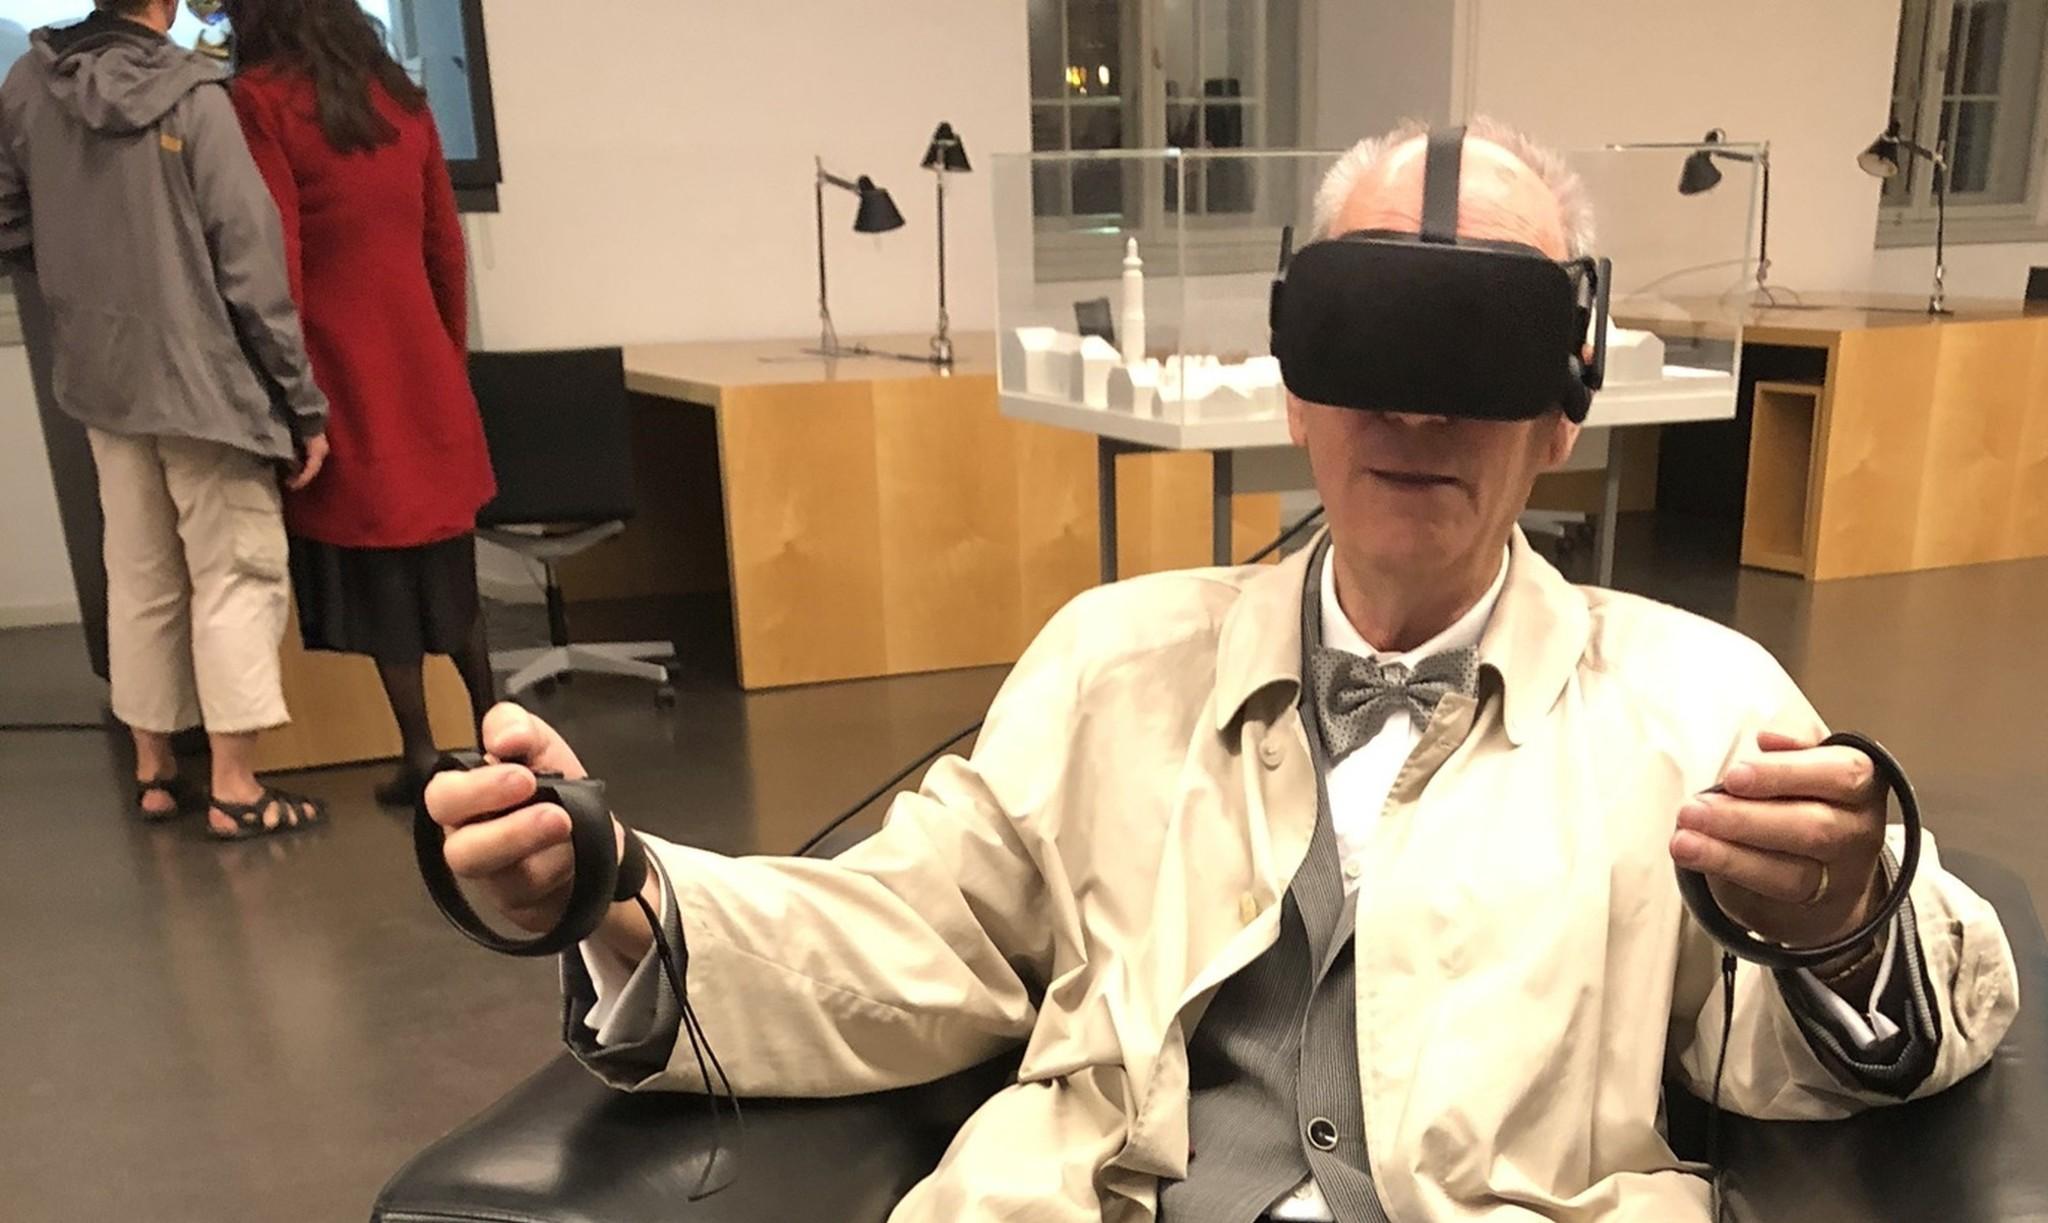 Senior mit VR-Brille bei der LNDW